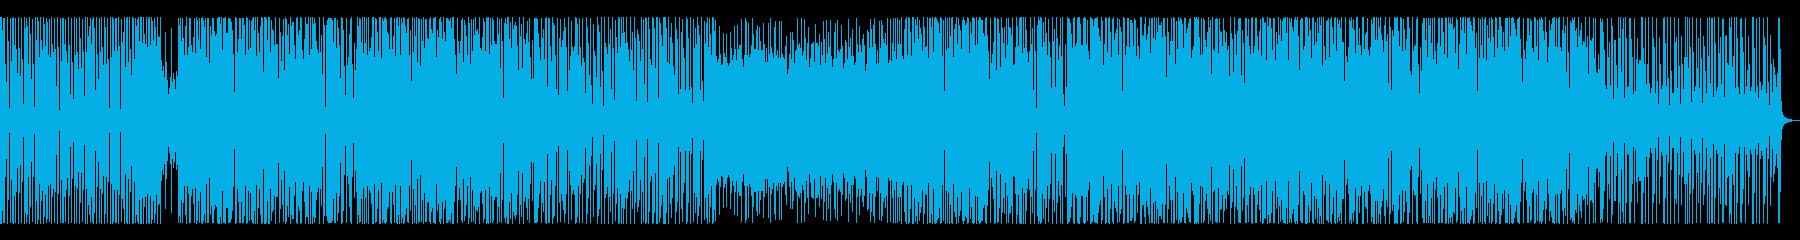 ベースムーンバートン風ダンスミュージックの再生済みの波形